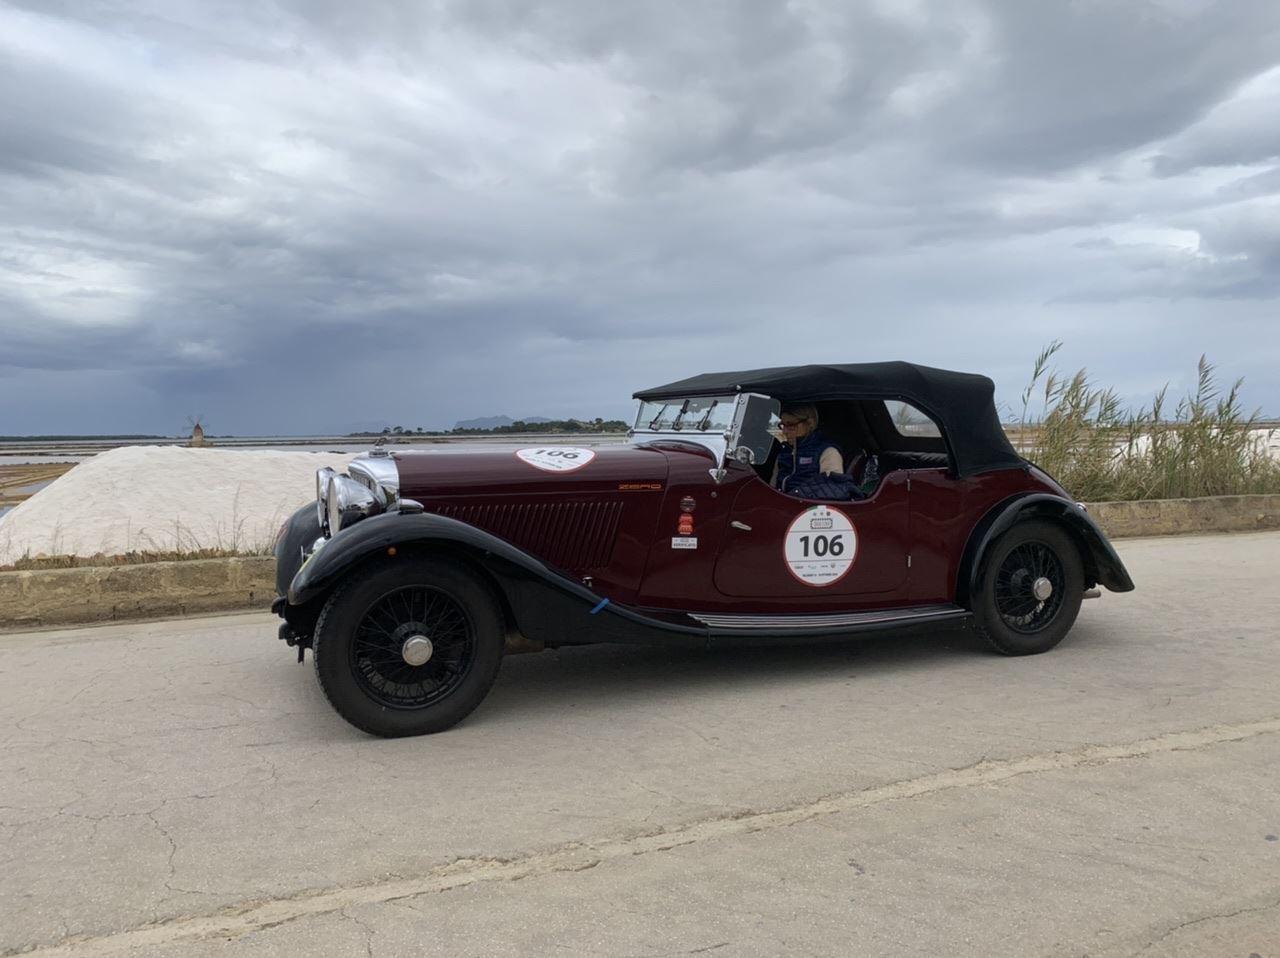 AUTO STORICHE – Tutto pronto per la Targa Florio tra le meraviglie della Sicilia